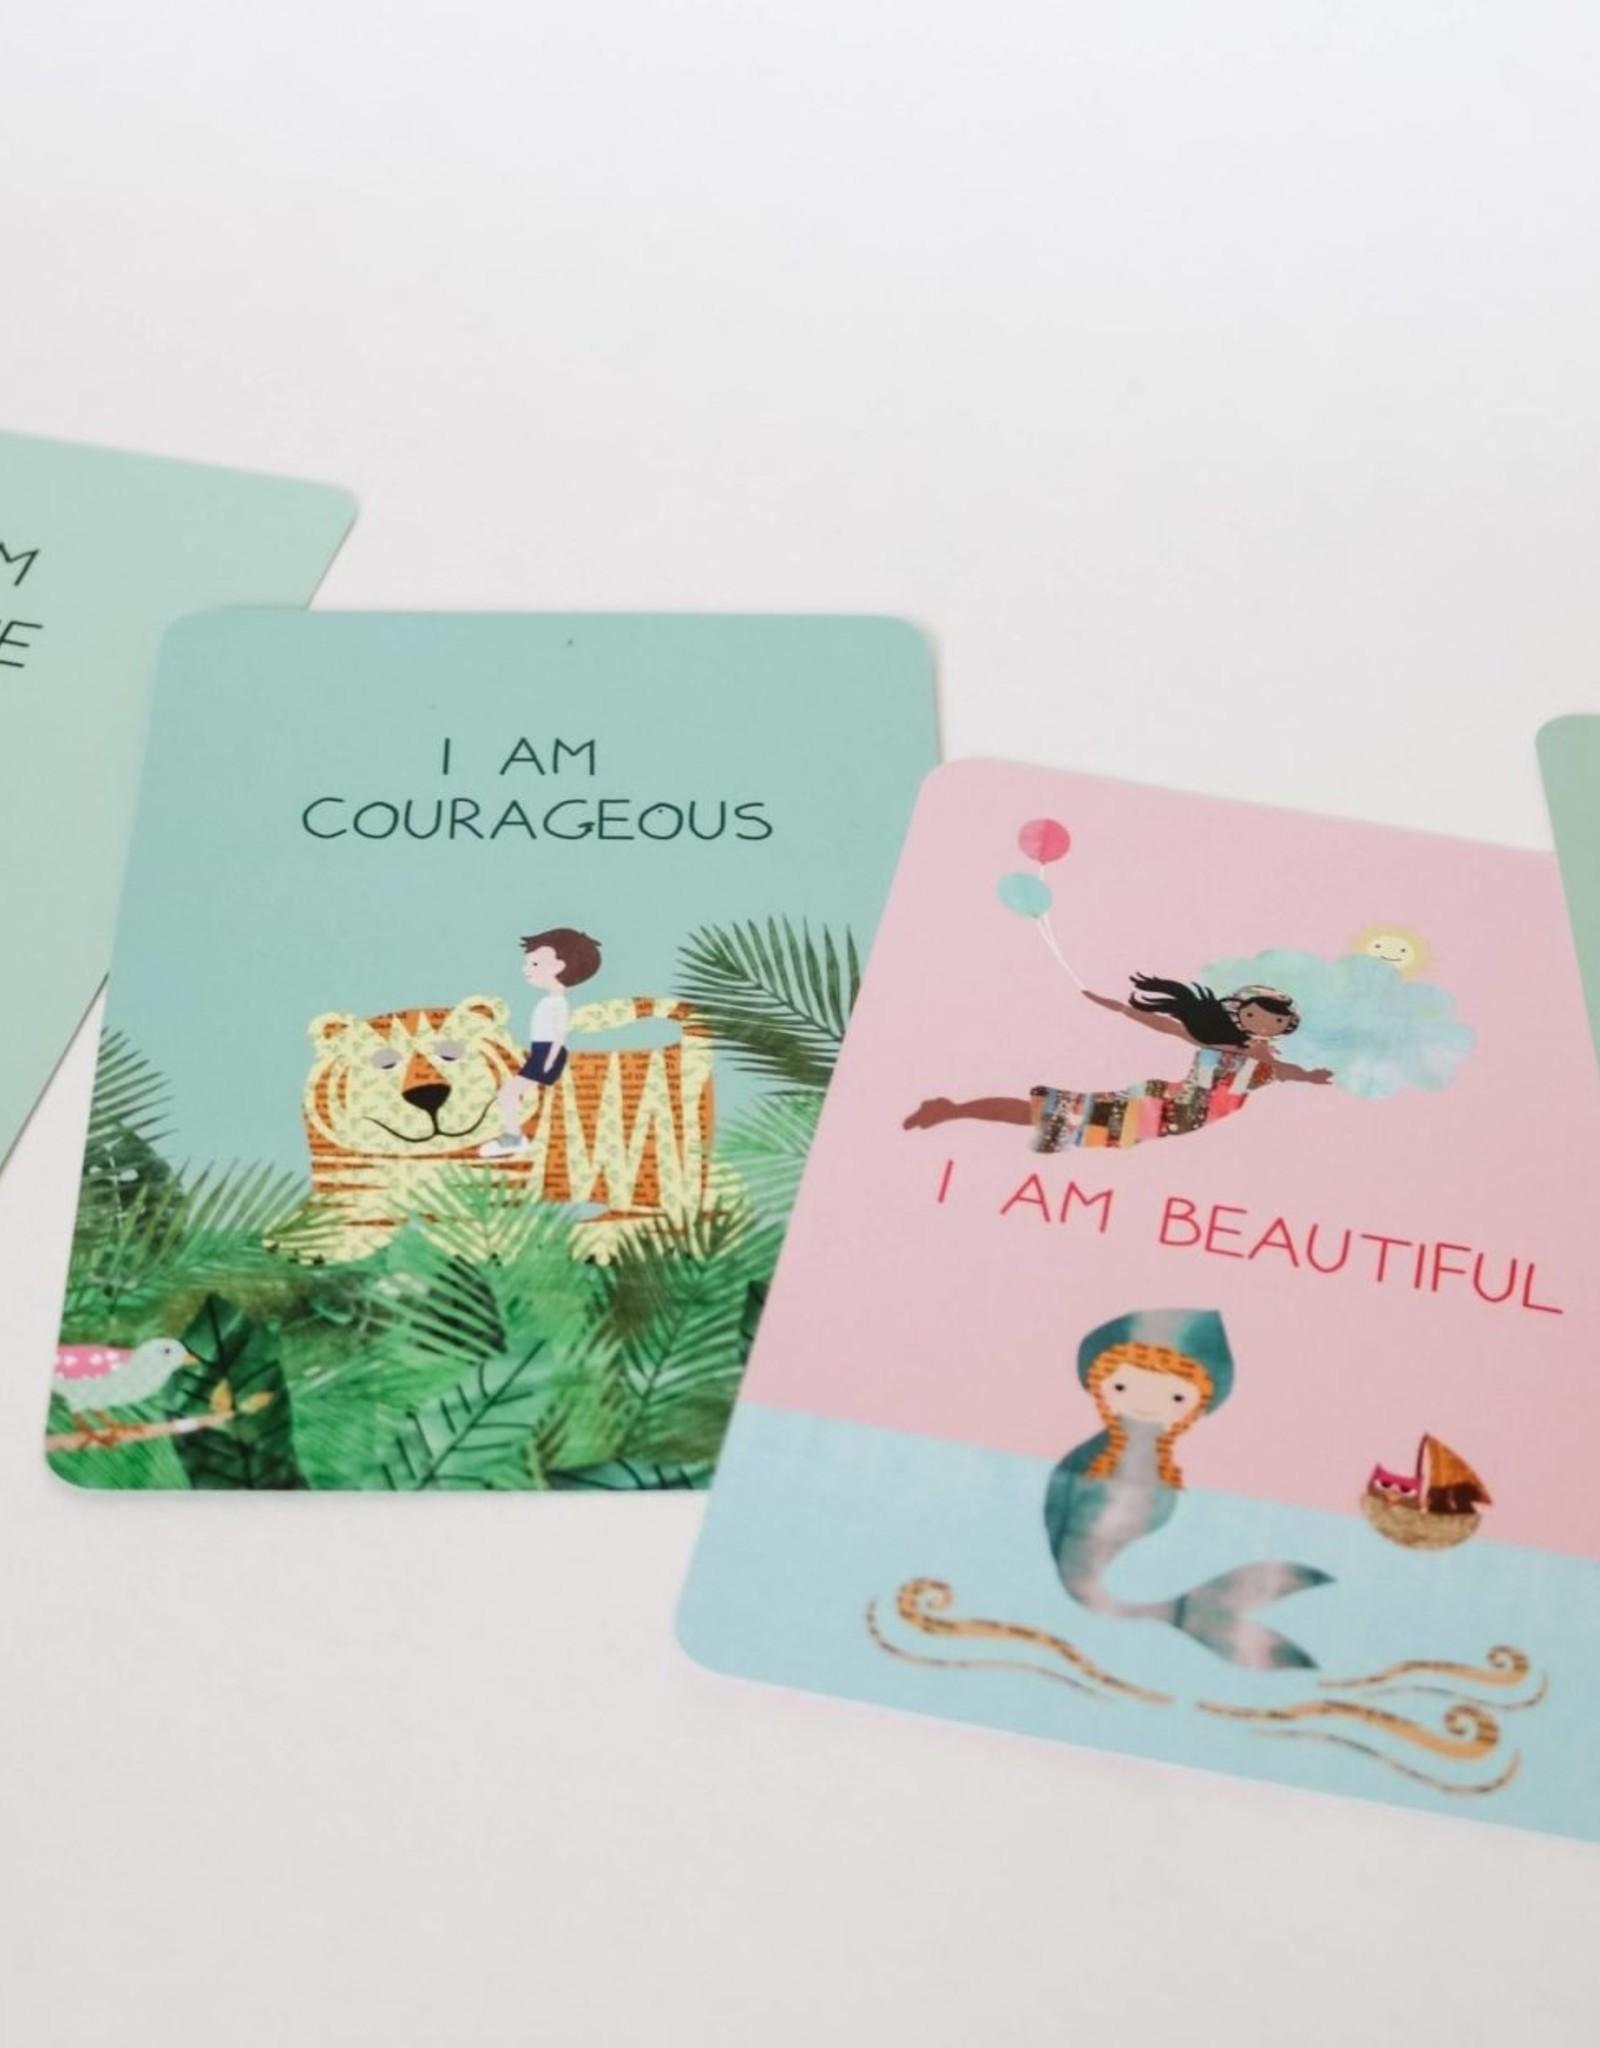 Glow Kiddo Glow Glow Kiddo Glow Affirmation Cards for Kids